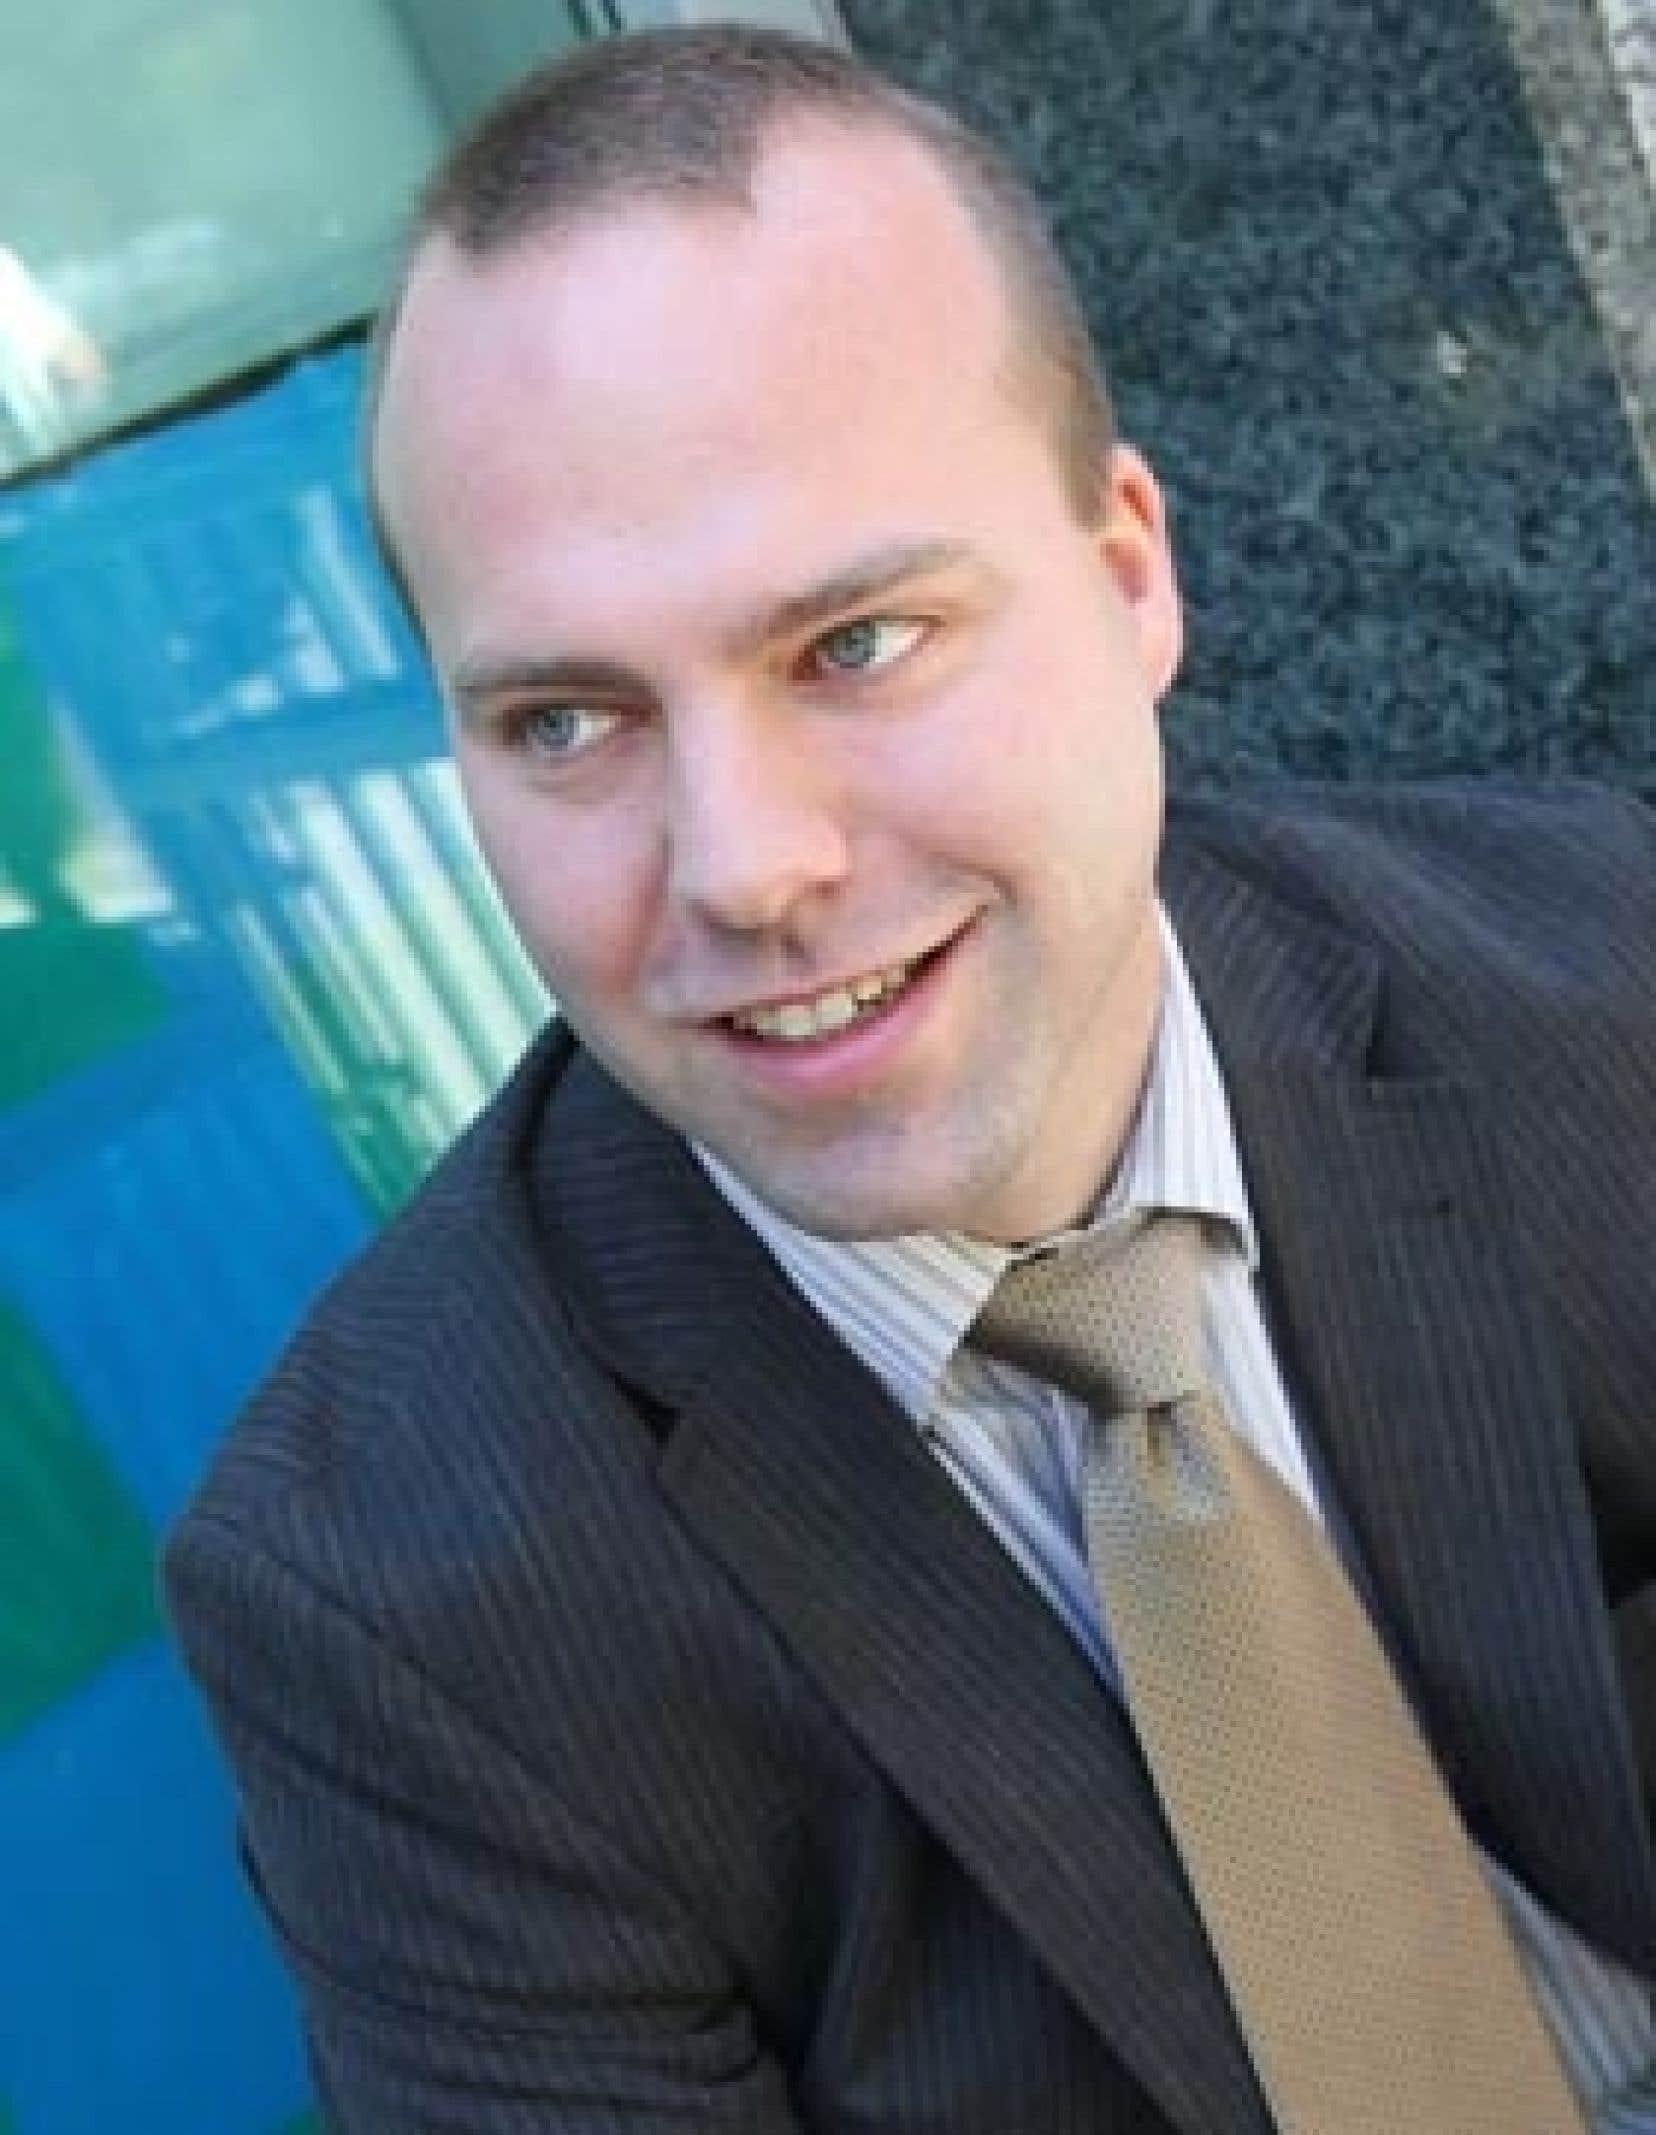 Patrick Grégoire l'un des deux fondateurs et vice-président de Boréalis. La société est pourtant peu connue au Québec, puisque 95 % de ses activités ont lieu à l'étranger, dont 60 % en Afrique.